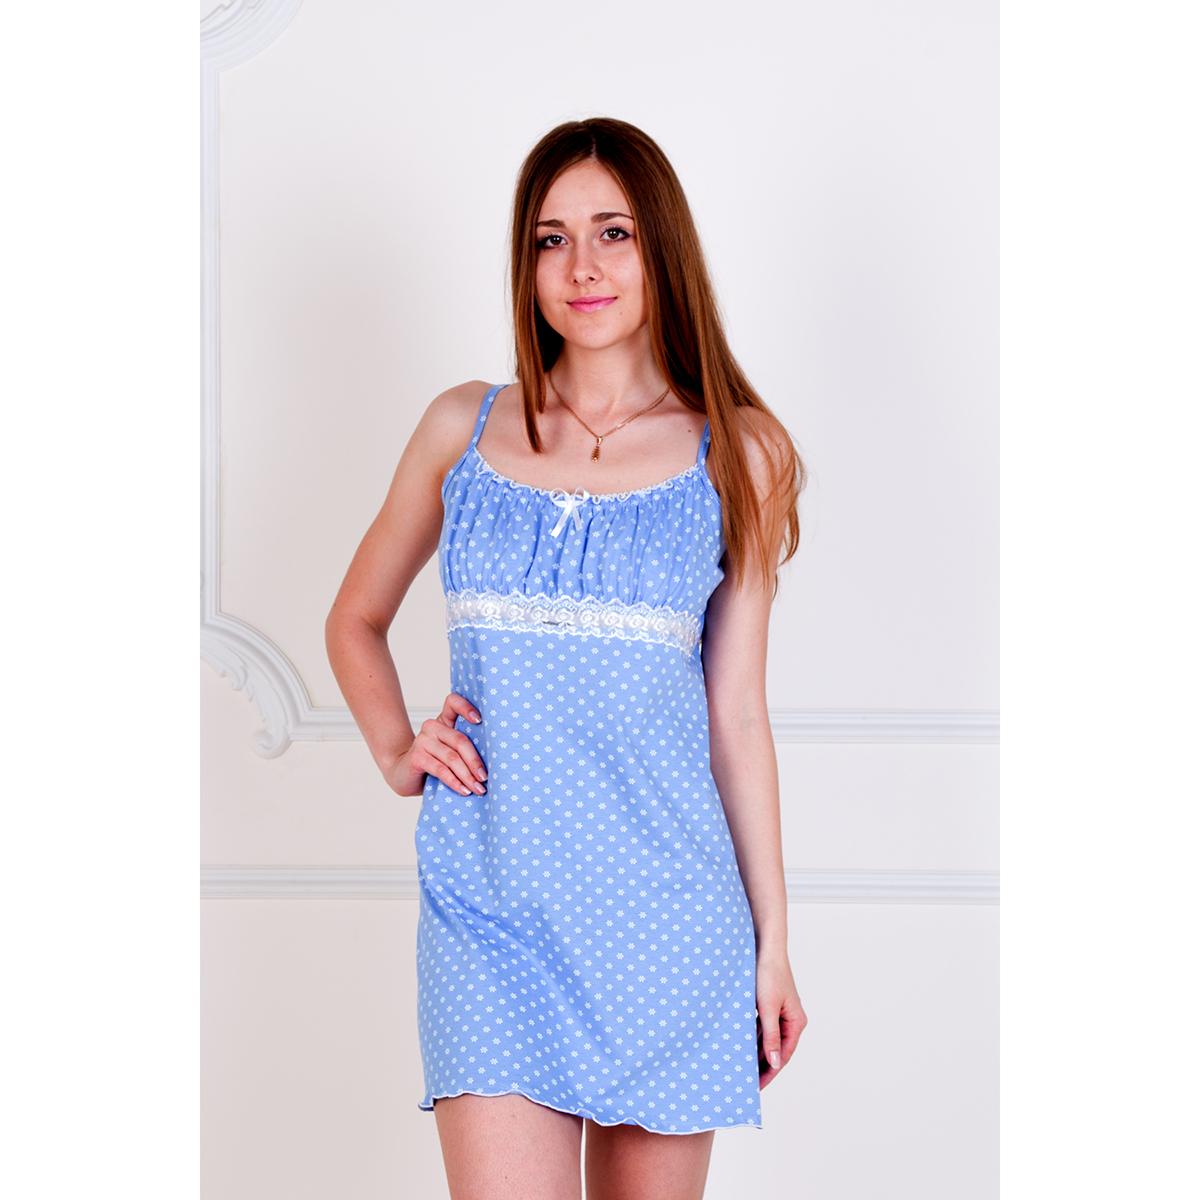 Женская сорочка Неженка Голубой, размер 50Ночные сорочки<br>Обхват груди:100 см<br>Обхват талии:82 см<br>Обхват бедер:108 см<br>Рост:167 см<br><br>Тип: Жен. сорочка<br>Размер: 50<br>Материал: Кулирка